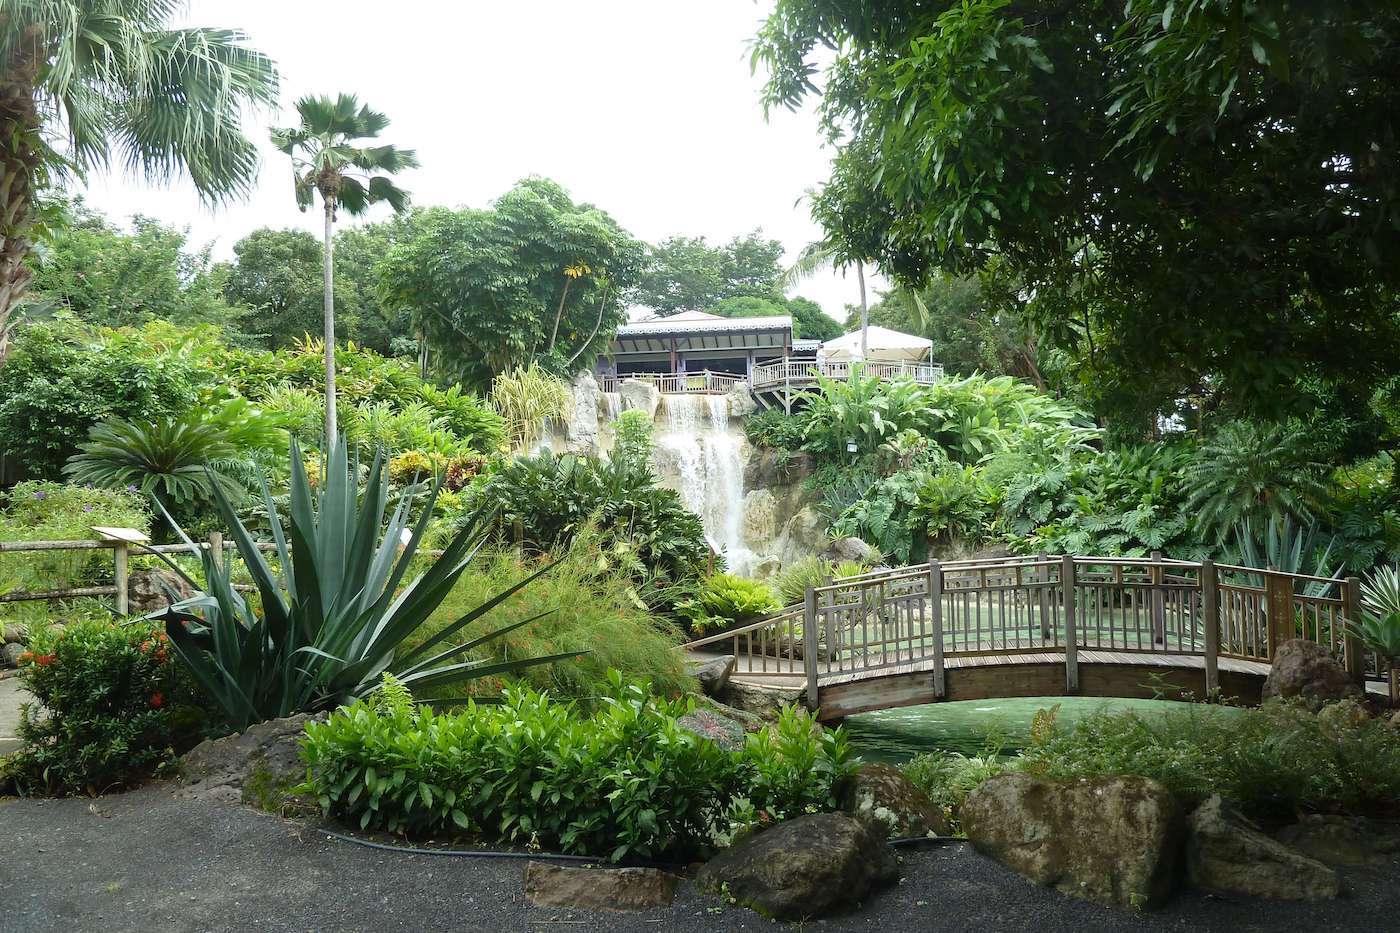 Le Jardin Botanique De Deshaies Guadeloupe Le Lagon Bleu